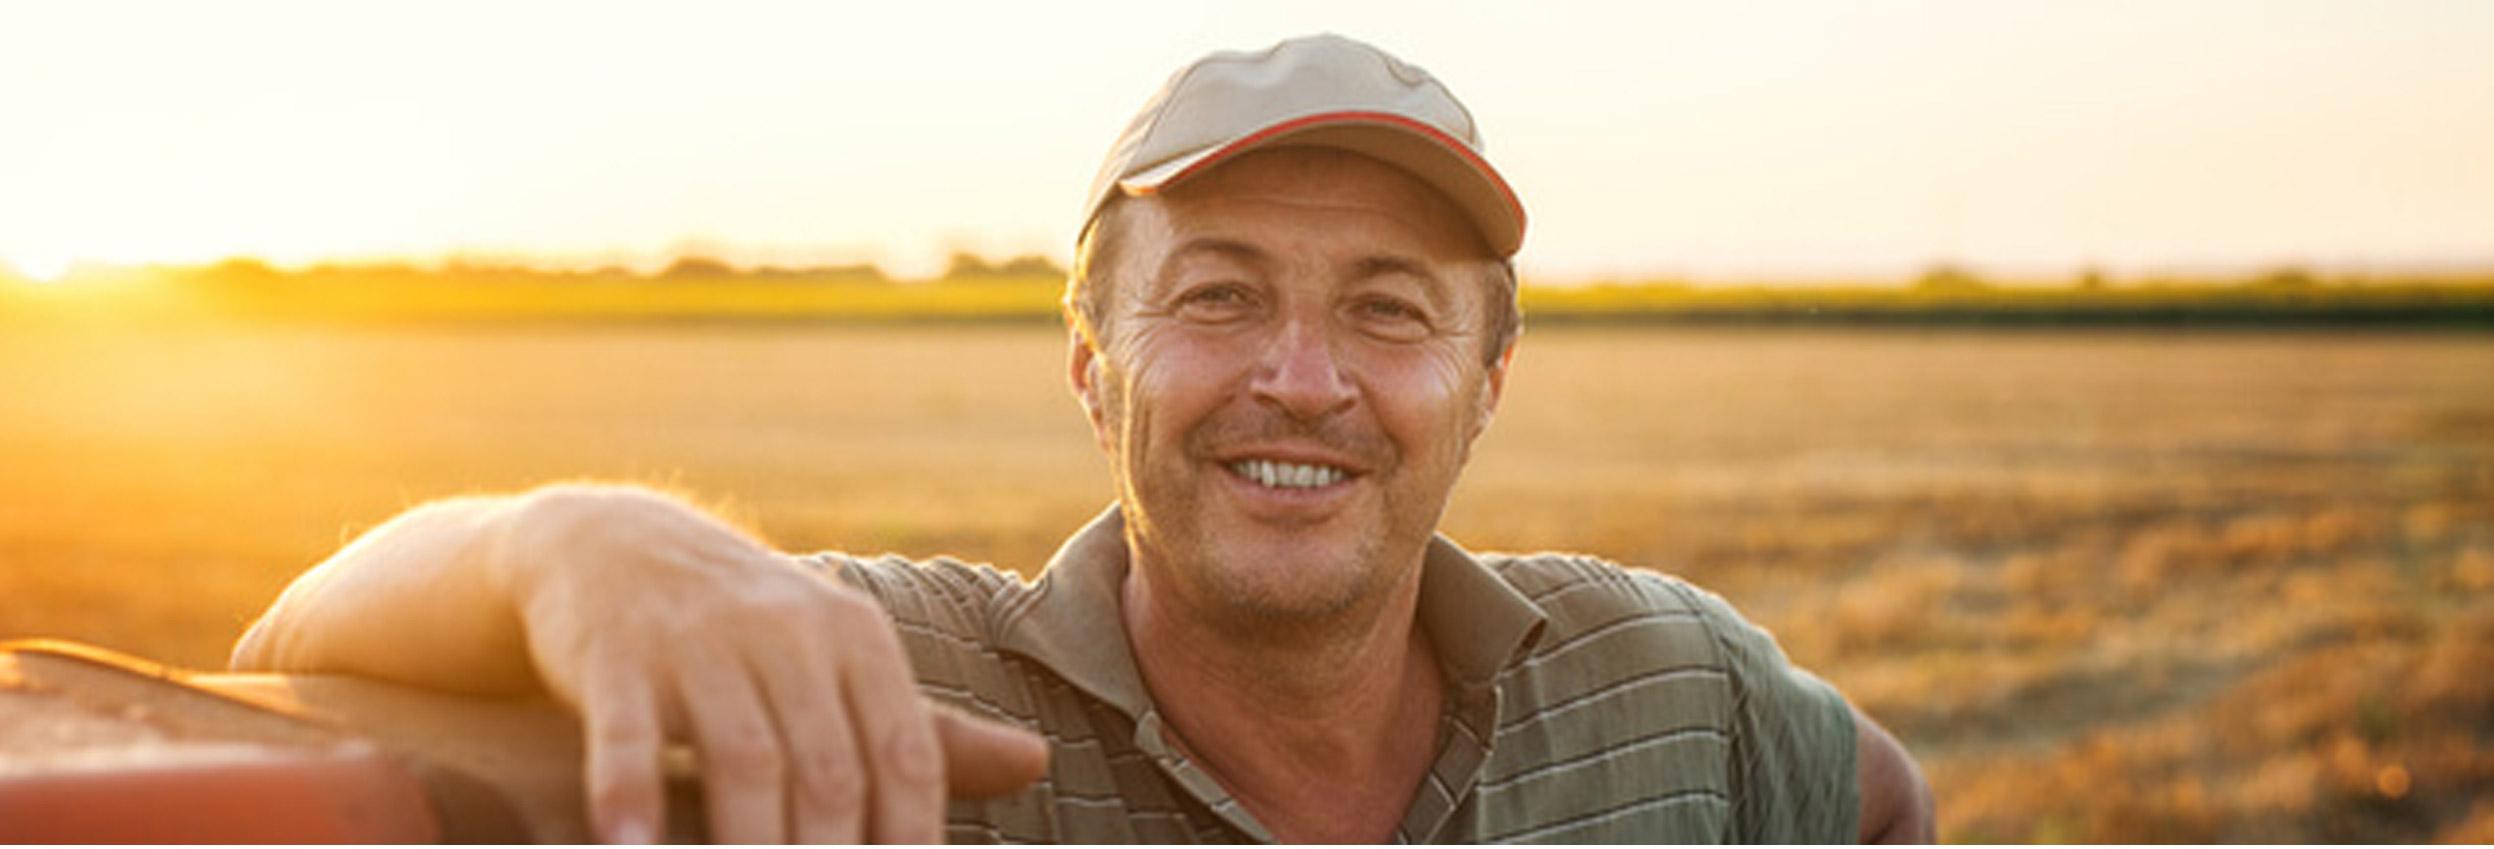 témoignage d'un agriculteur ayant fait poser un déferriseur biologique hgbiofer